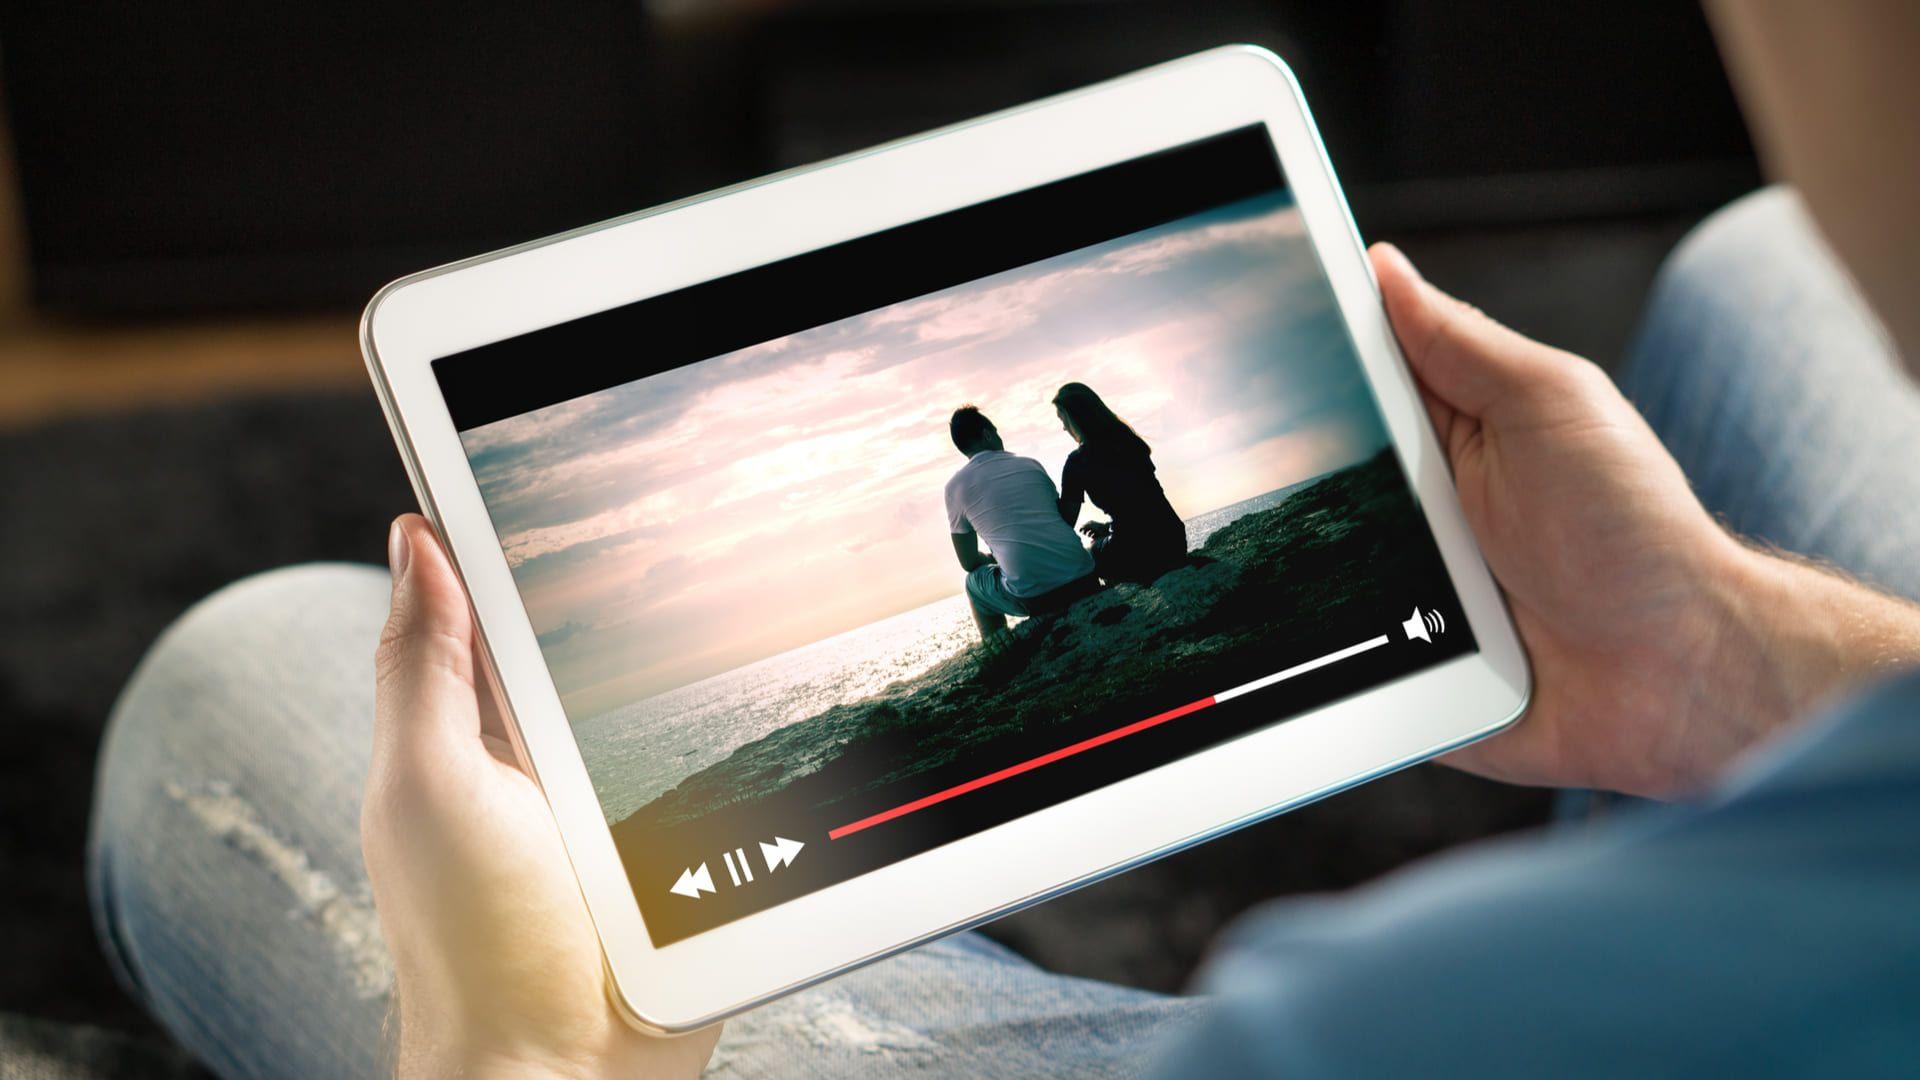 Confira os tablet mais vendidos de janeiro (Foto: Reprodução / Shutterstock)